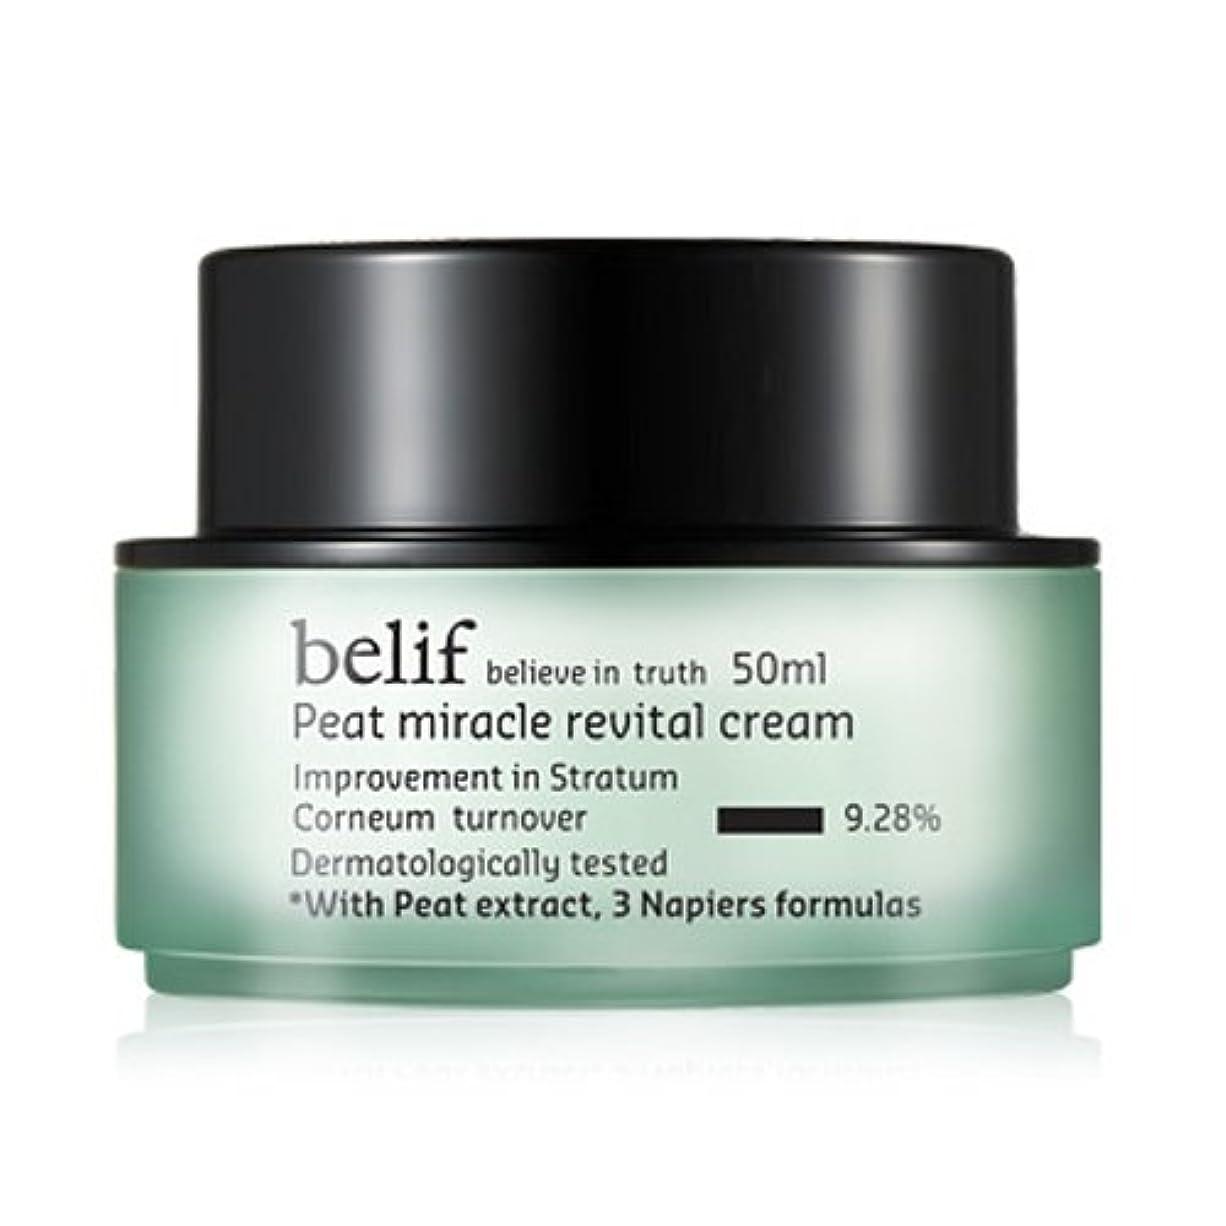 喜び主張中庭Belif(ビリーフ)Peat Miracle Revital Cream 50ml/フィートミラクルリバイタルクリーム